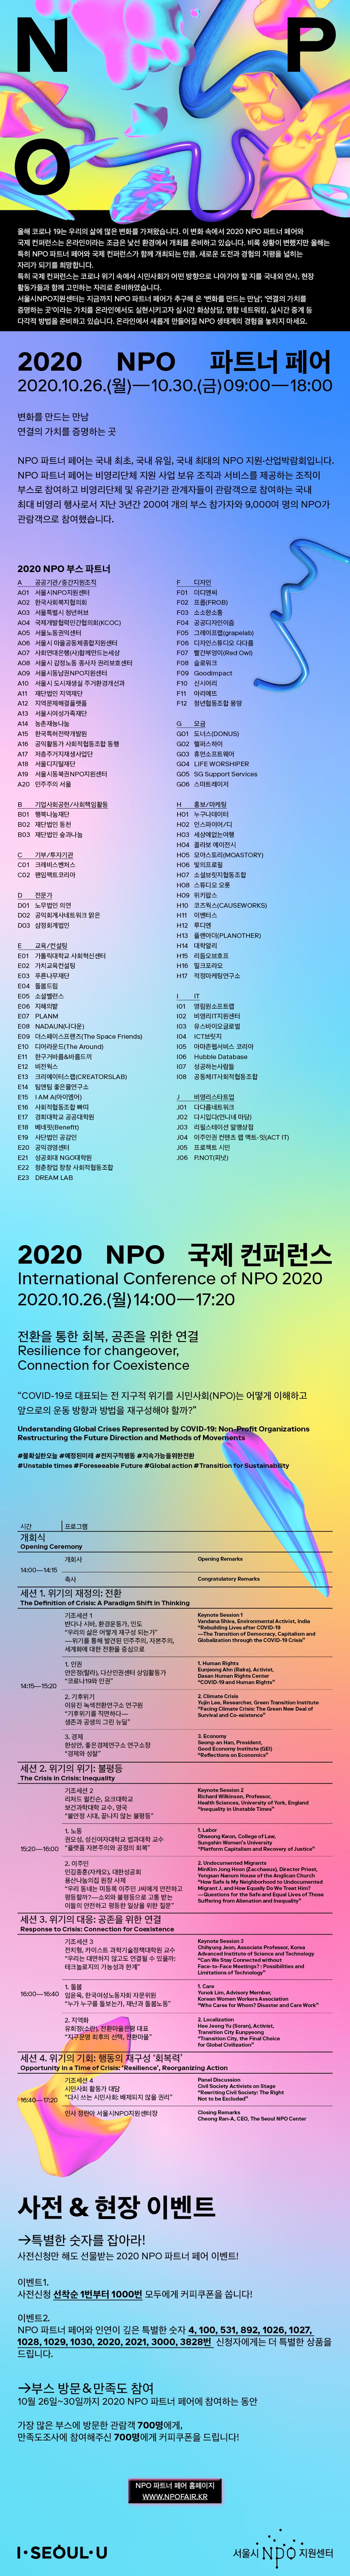 [안내] 2020 NPO 파트너 페어 & NPO 국제 컨퍼런스